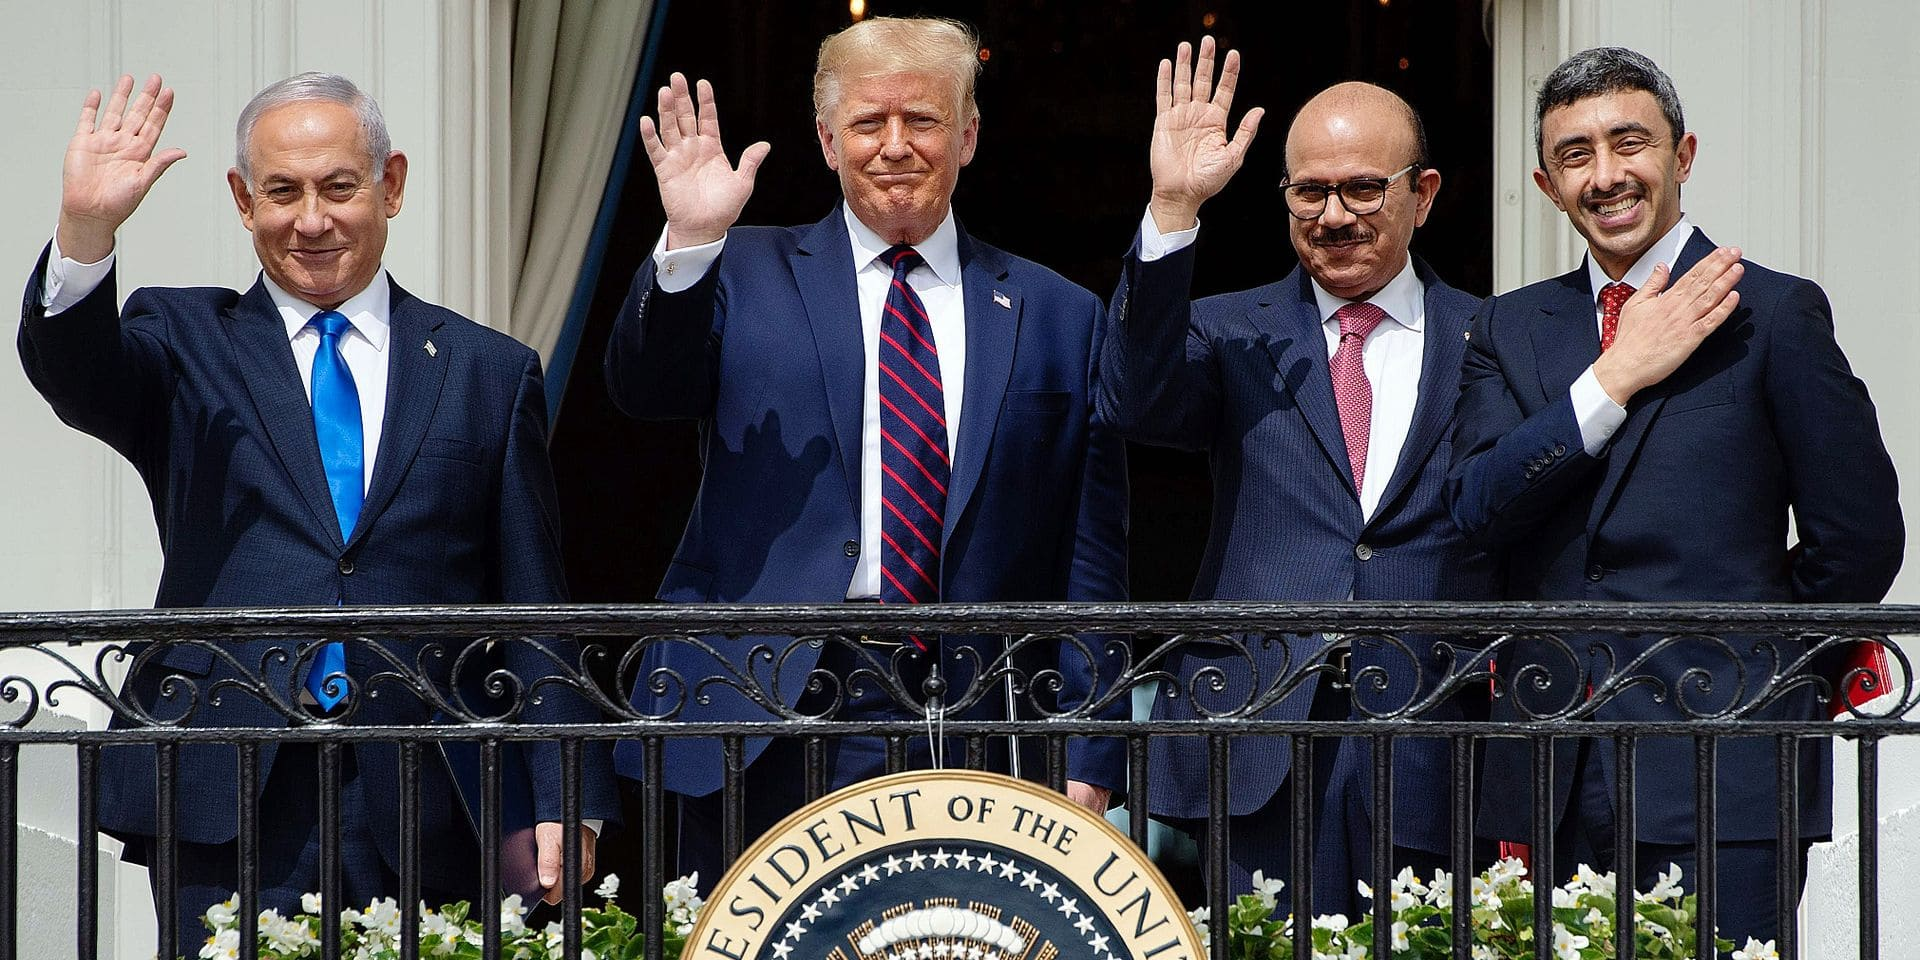 Abou Dabi et Manama ont signé mardi à Washington, lors d'une cérémonie commune à la Maison-Blanche, un accord portant sur l'établissement de relations diplomatiques avec l'État hébreu.